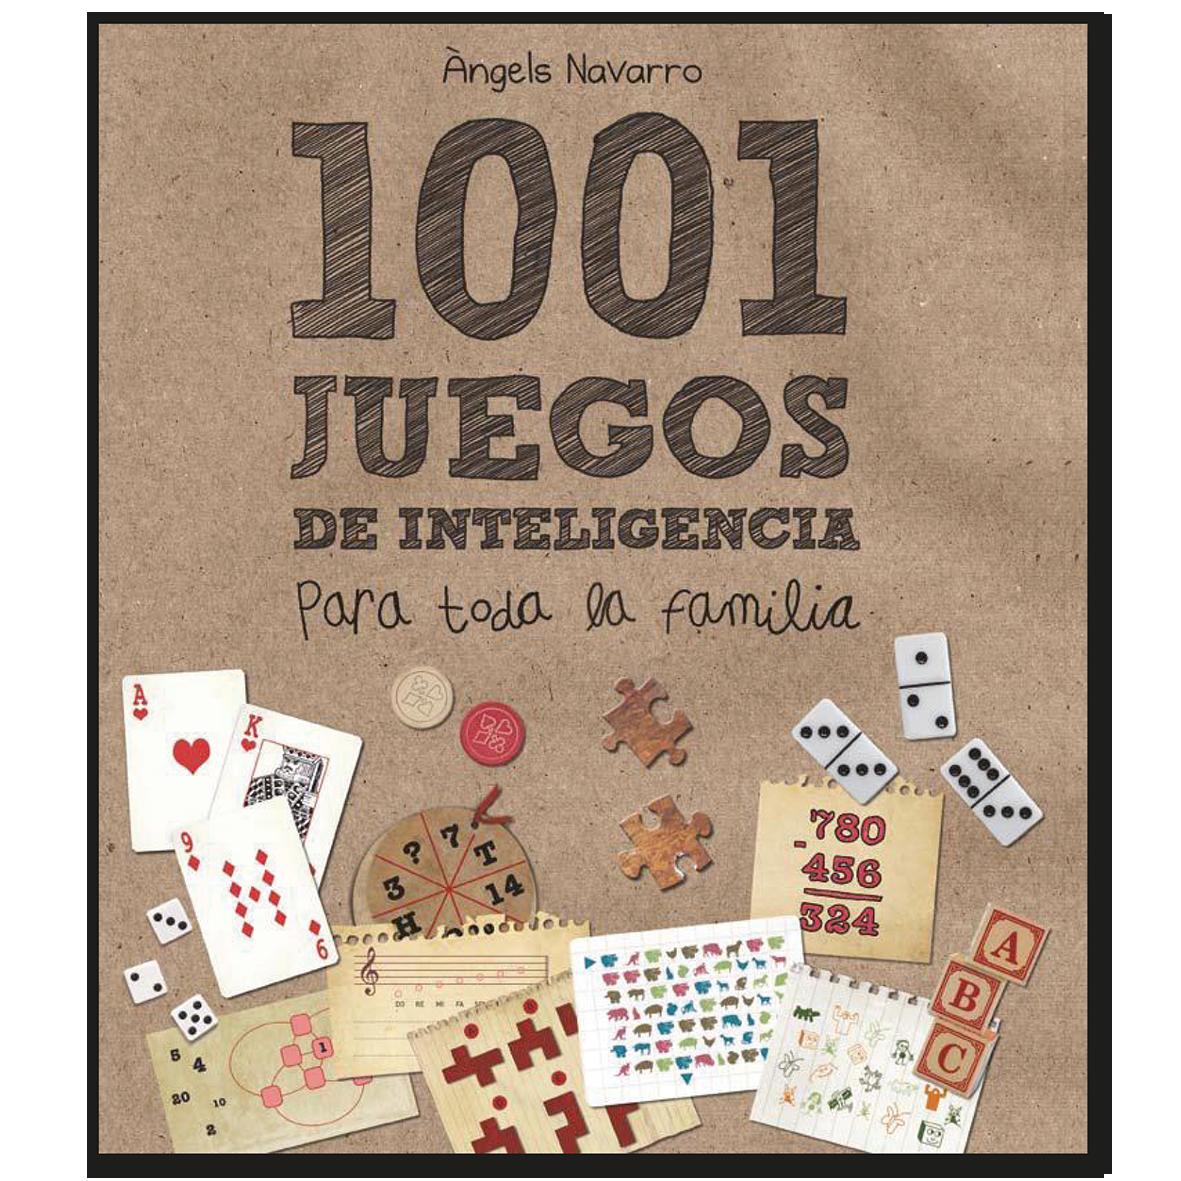 1001 juegos